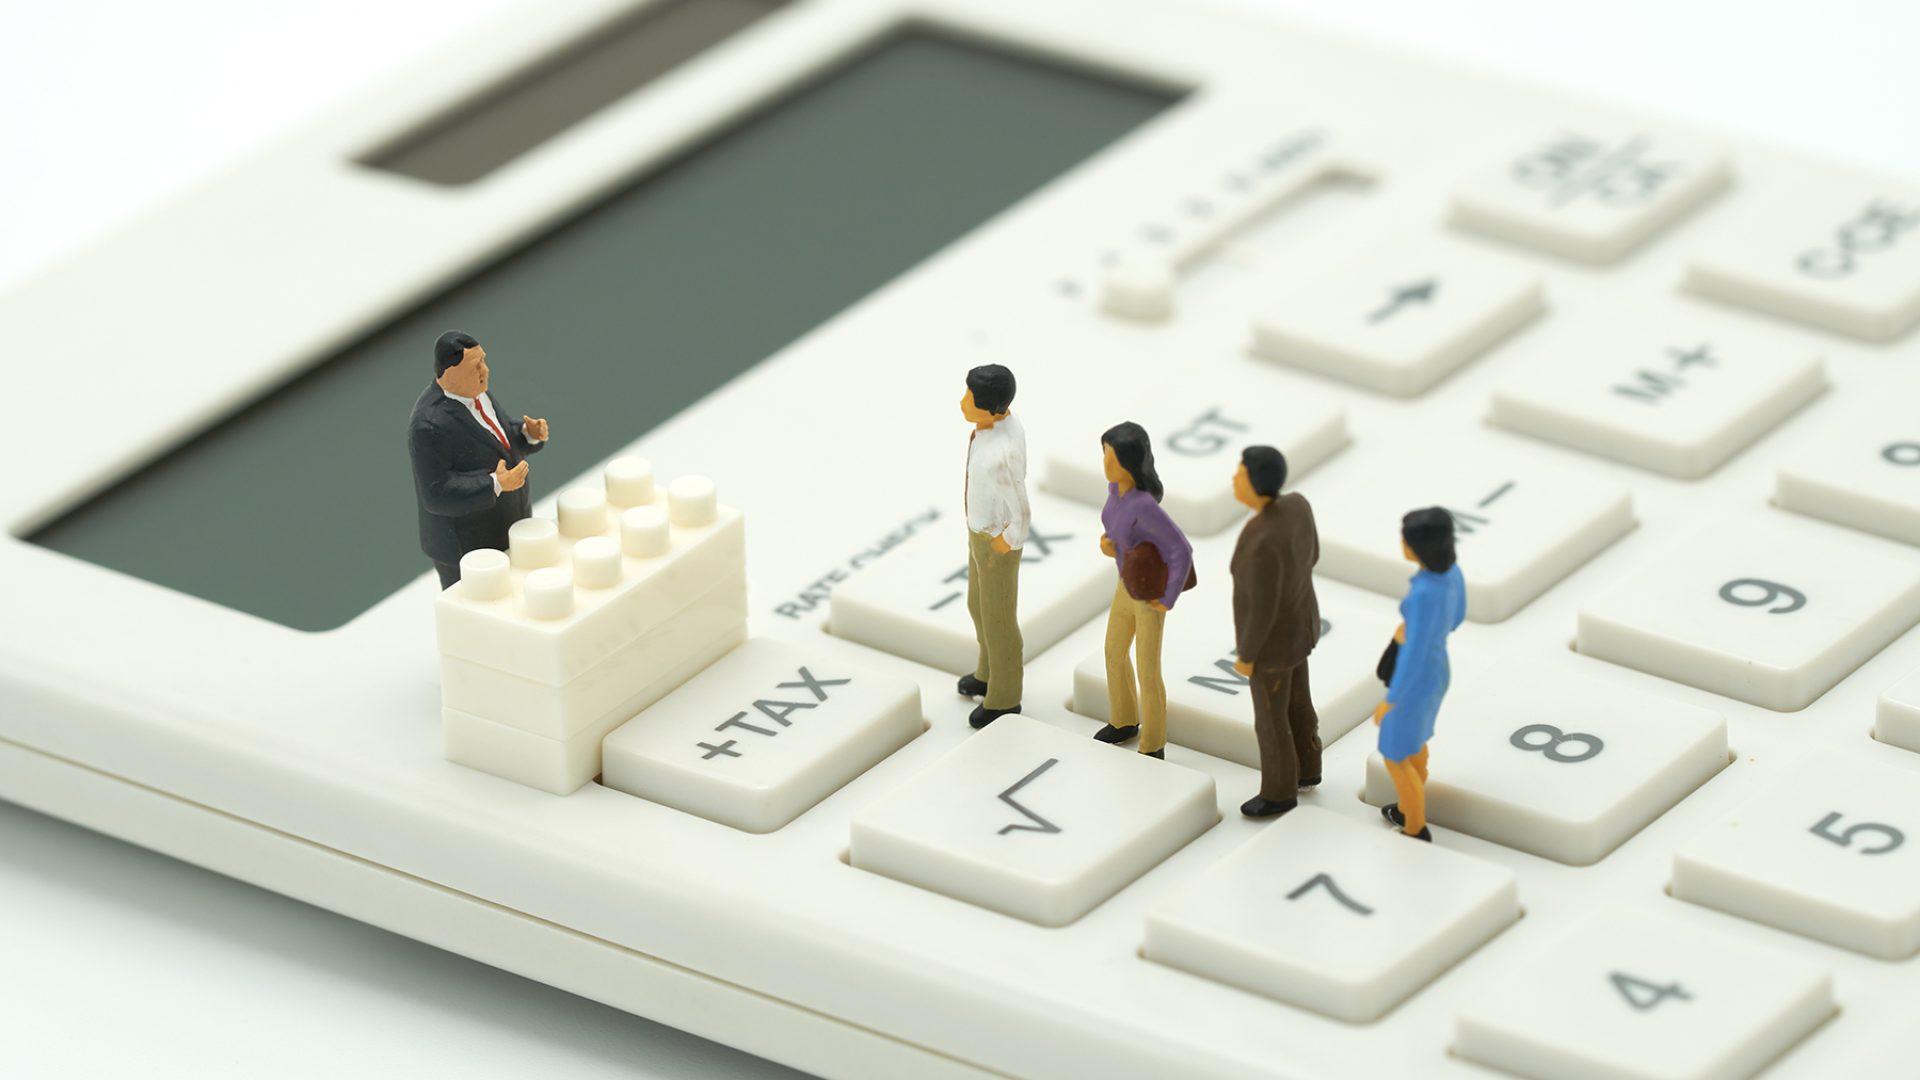 Kinh nghiệm quyết toán thuế công ty thương mại mà bạn cần biết